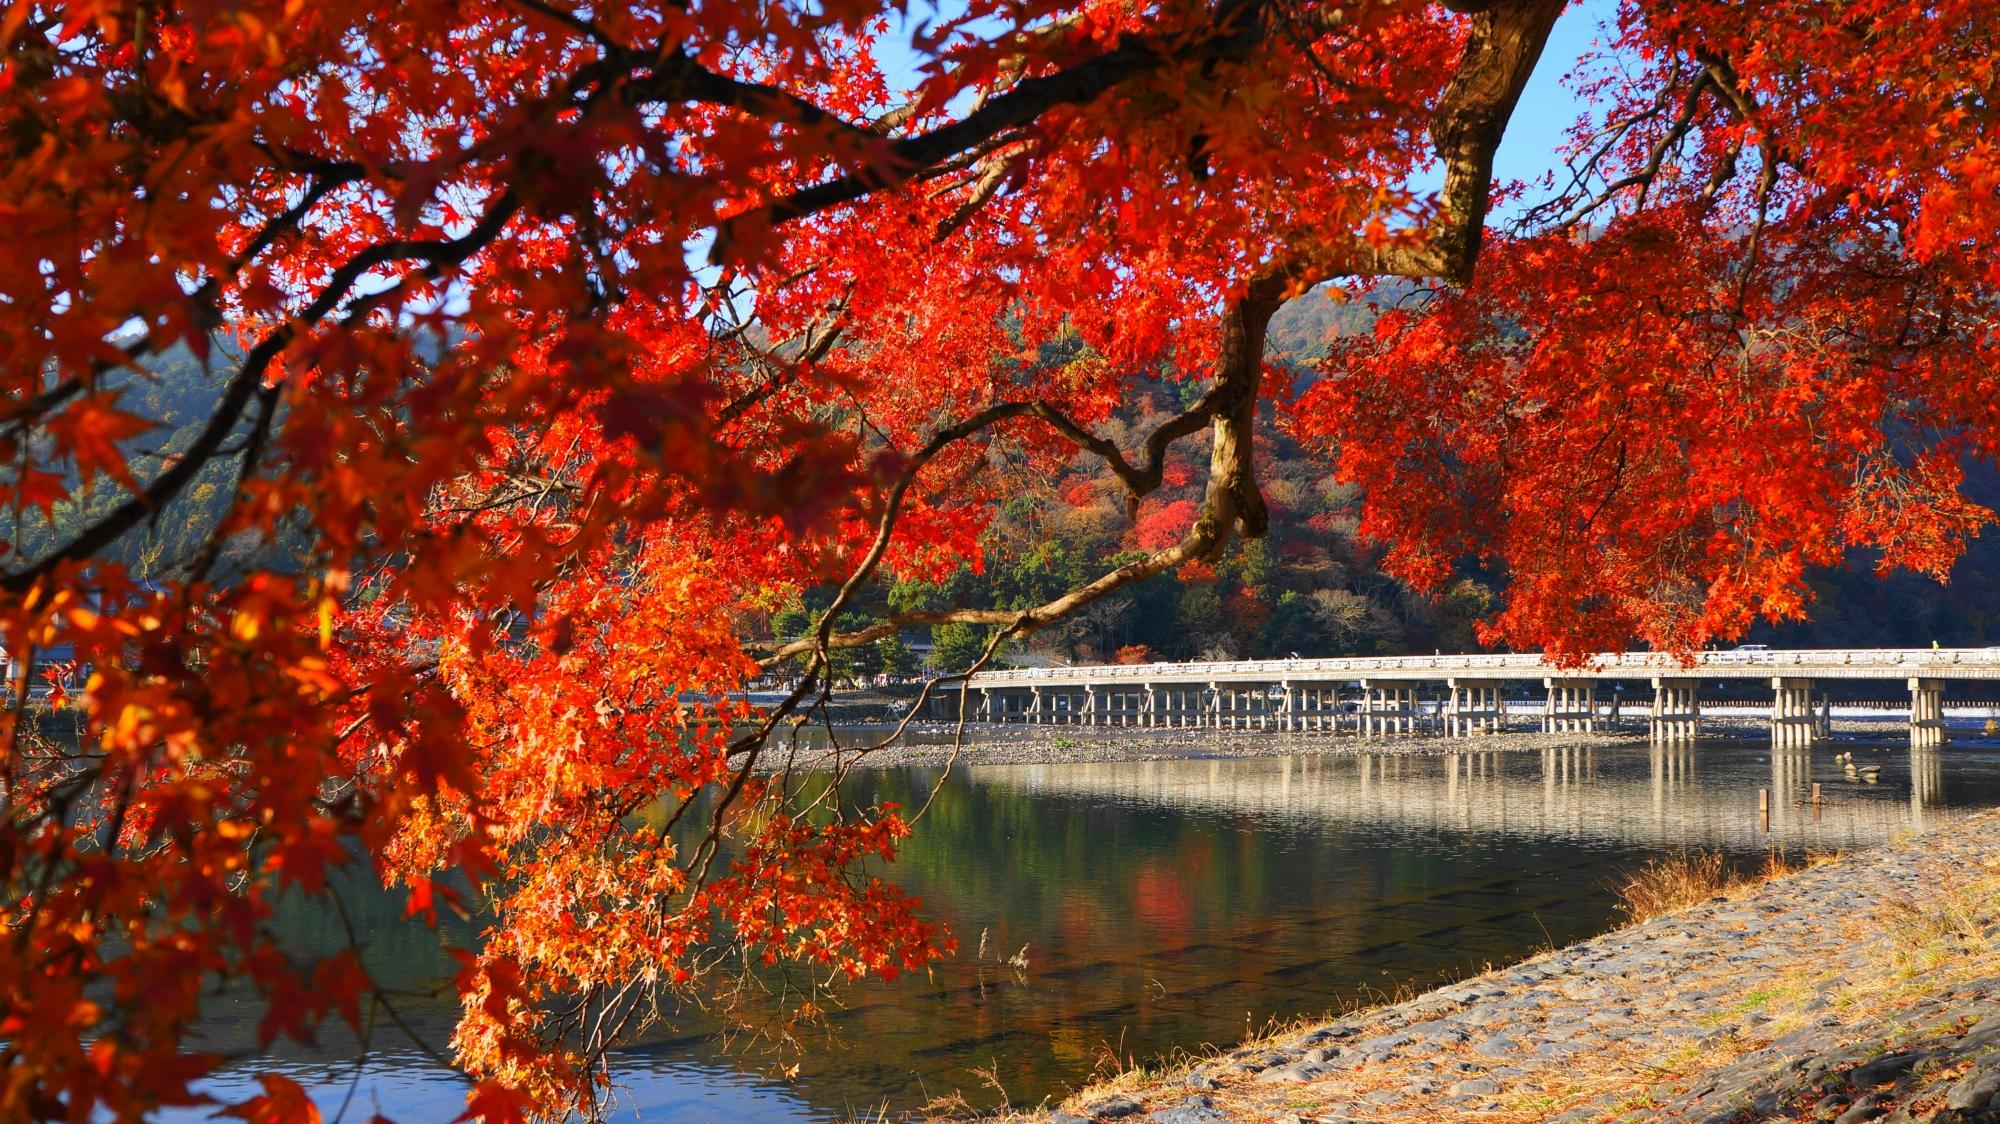 嵐山や渡月橋の人気観光名所の煌びやかな秋の風景